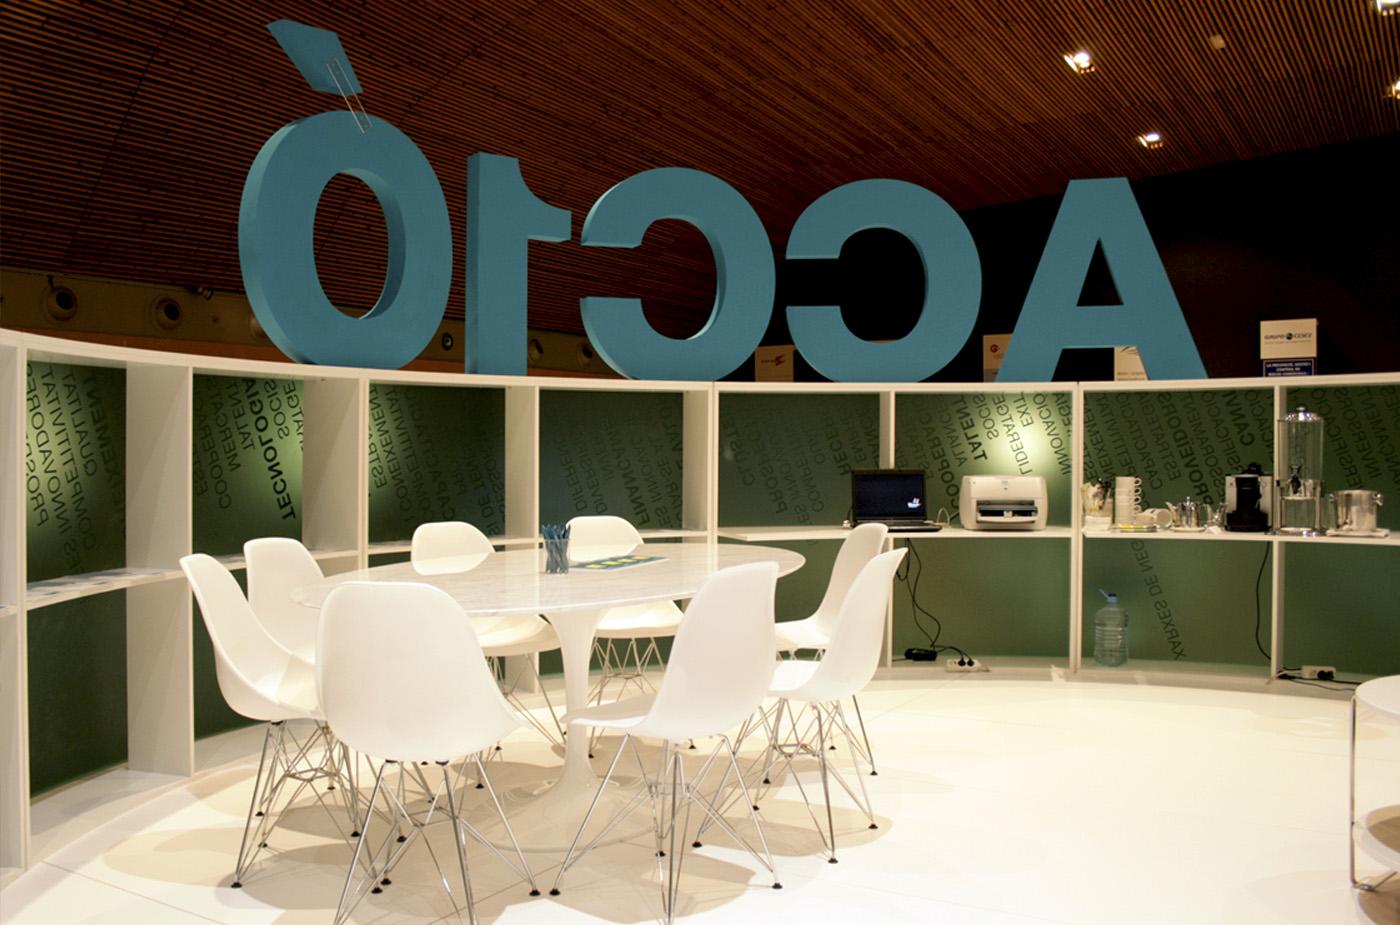 07-ACC10-interaccio-creartiva-stand-espai-evemnto-feria-expo